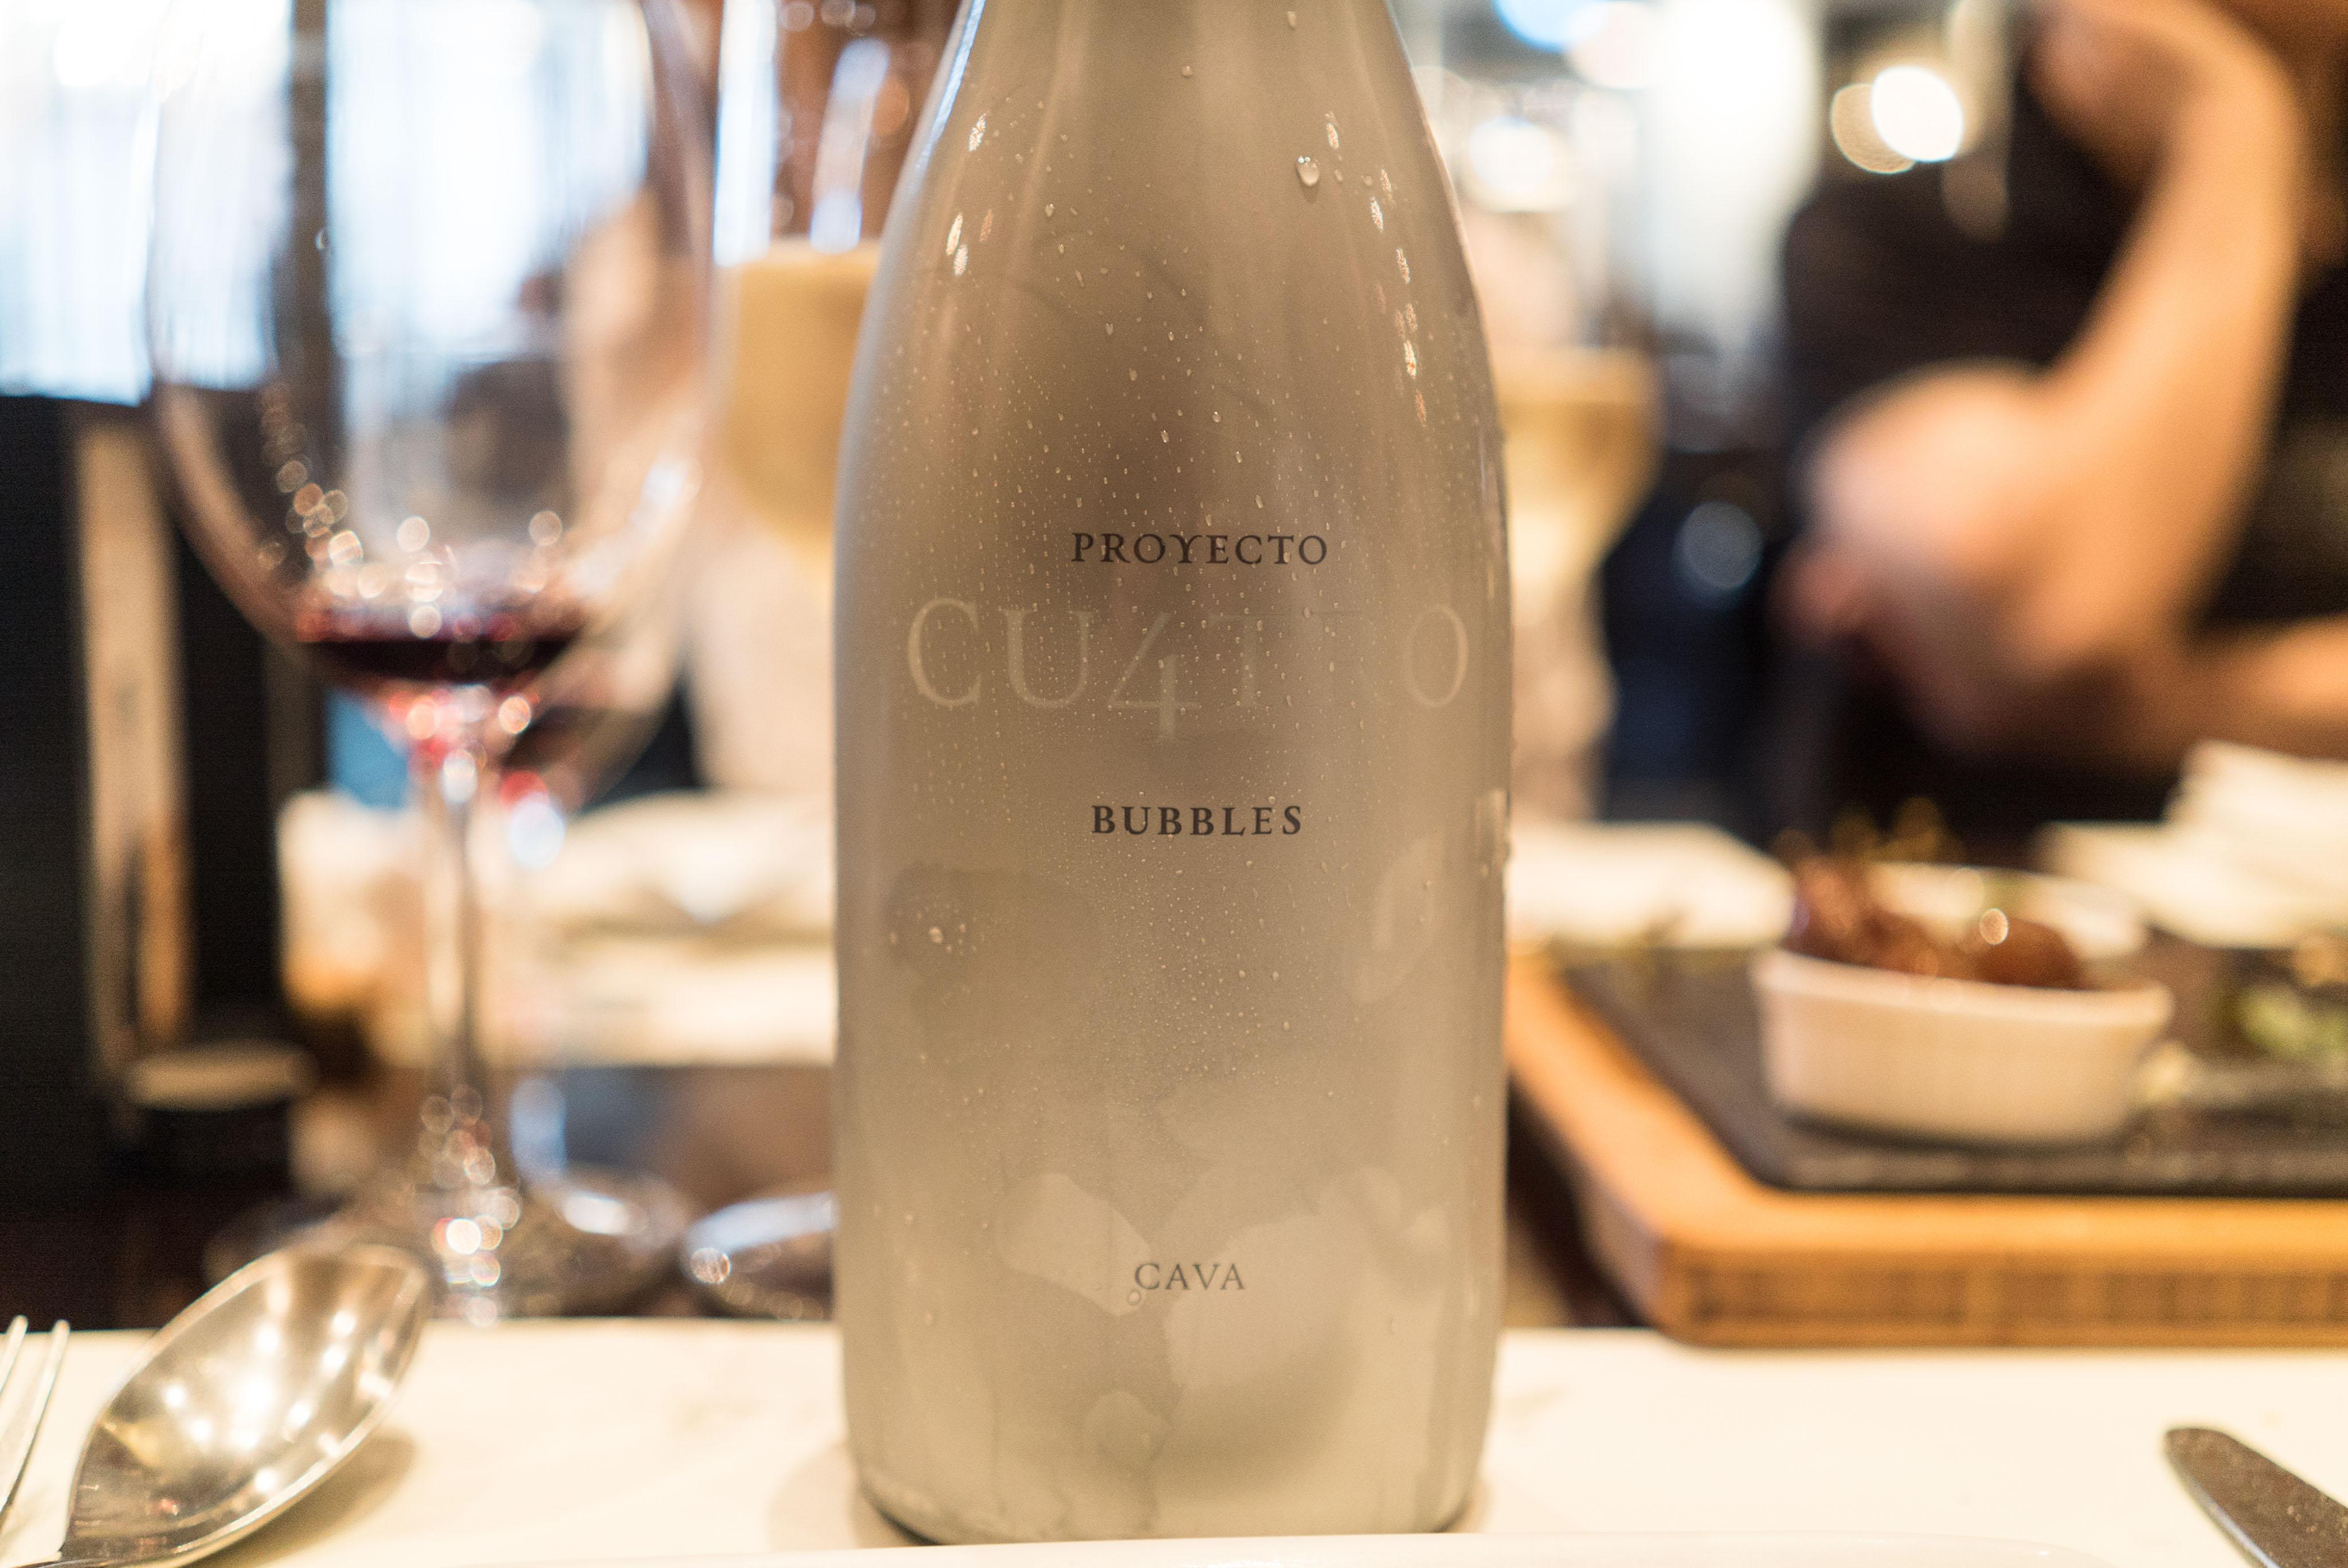 Concavins Cava Proyecto Cu4tro Bubbles